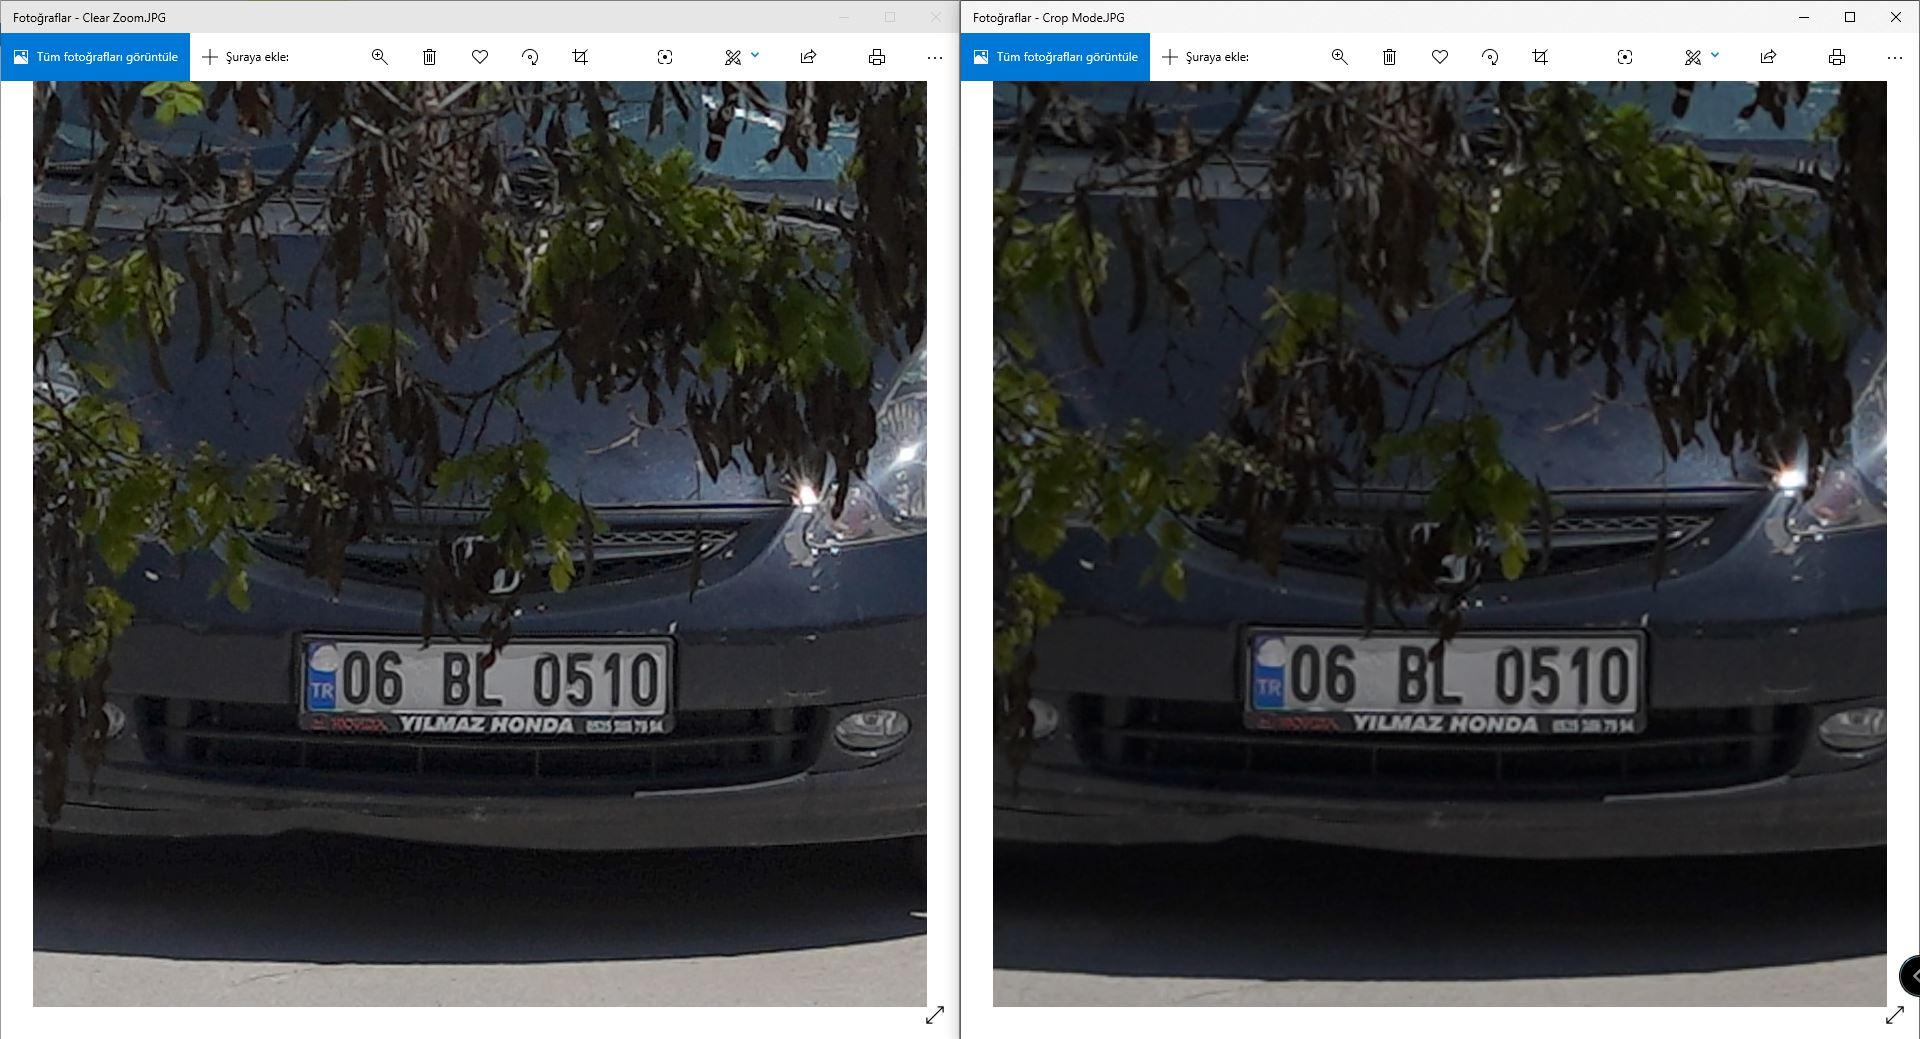 Sony-A7-III-Clear-Image-Zoom-vs-Crop-Mode-sonyturk.JPG